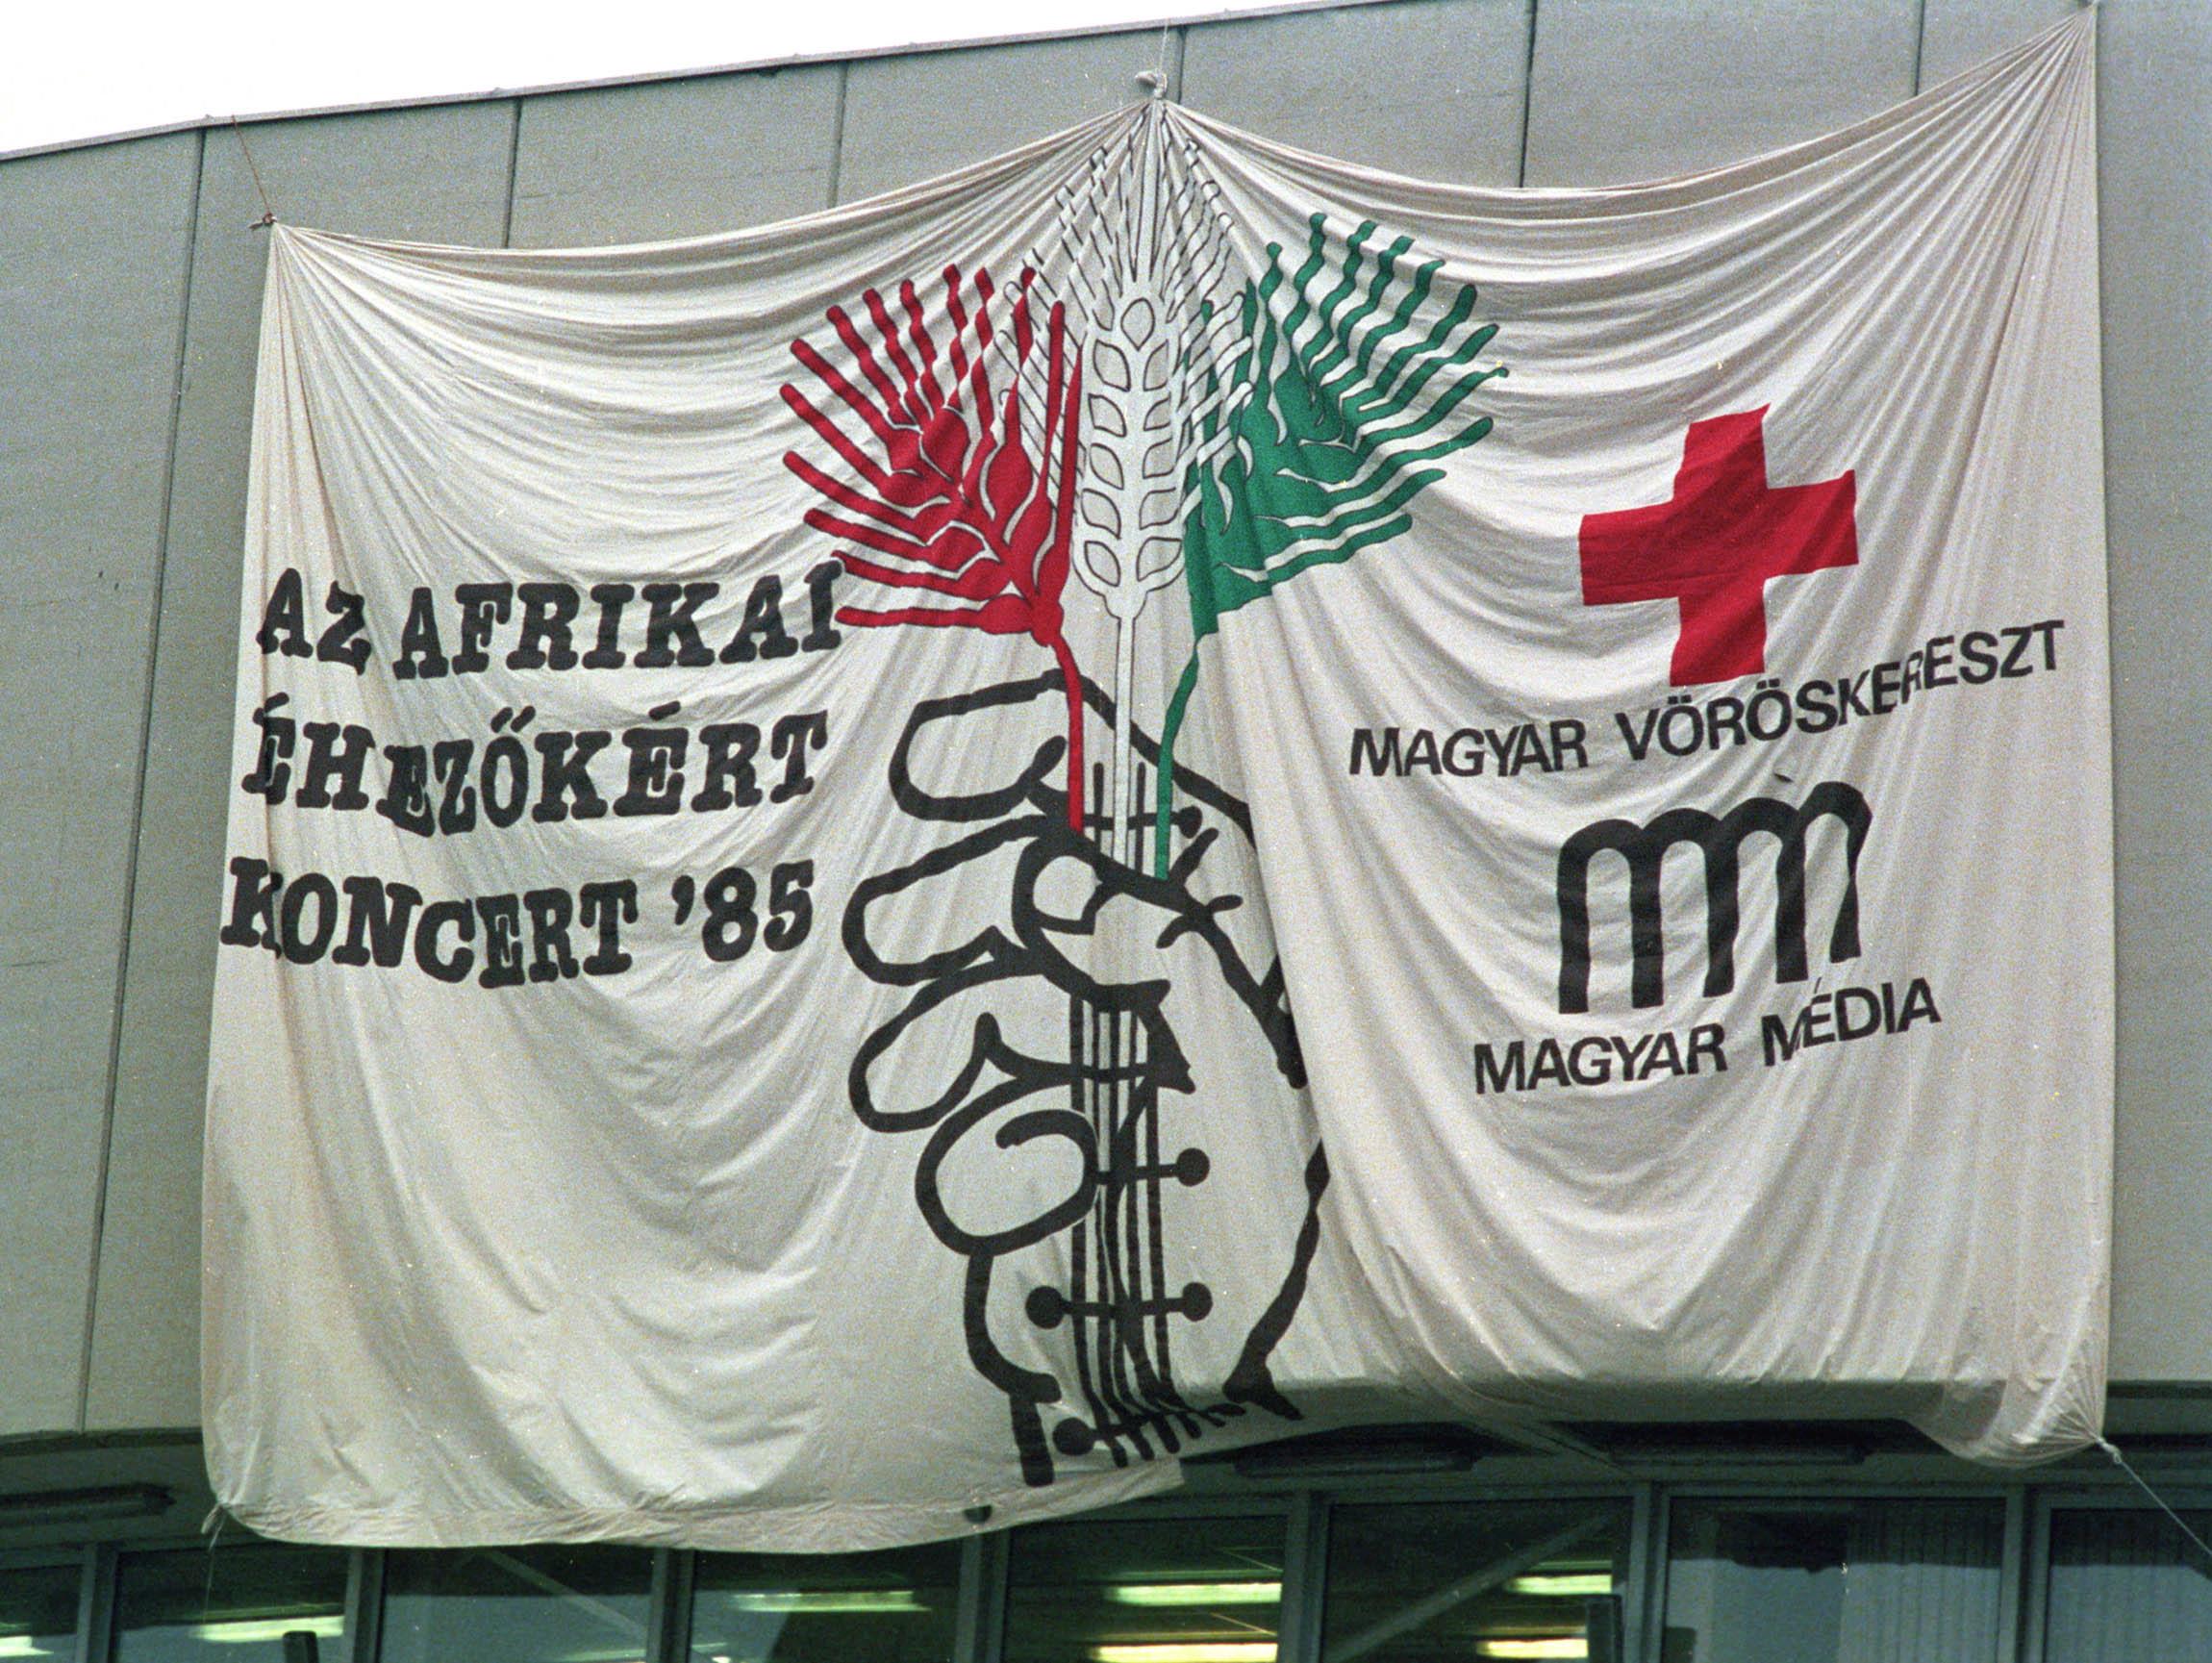 A Budapest Sportcsarnok bejáratánál hatalmas plakát hirdeti azt a jótékony célú rock koncertet, amit a Magyar Vöröskereszt és a Magyar Média szervezésében tartottak / Fotó: MTI